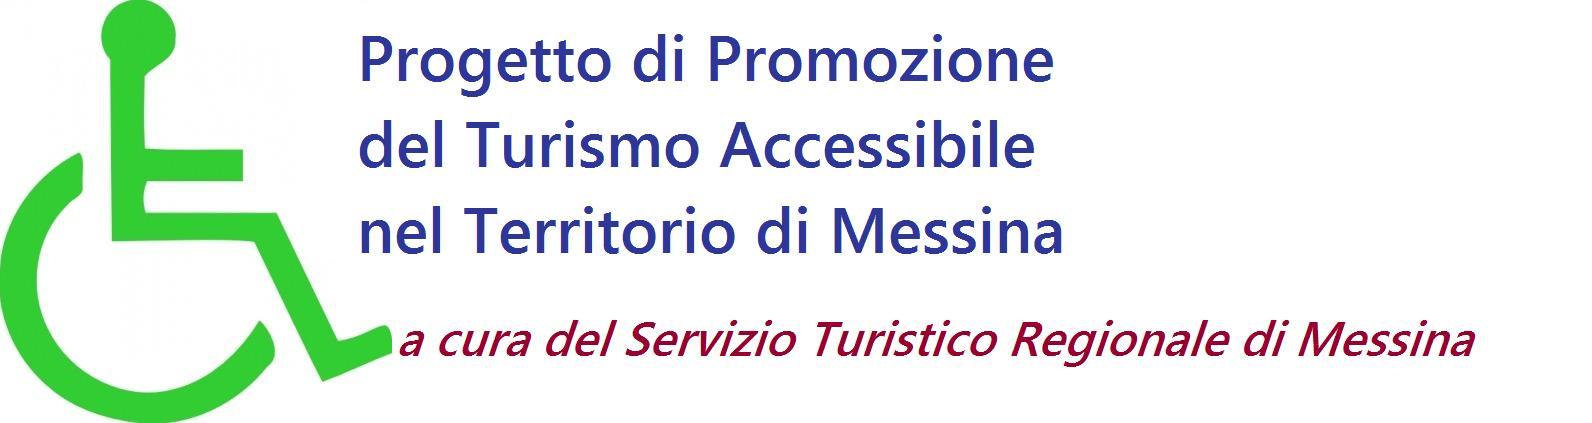 Progetto di Turismo Accessibile